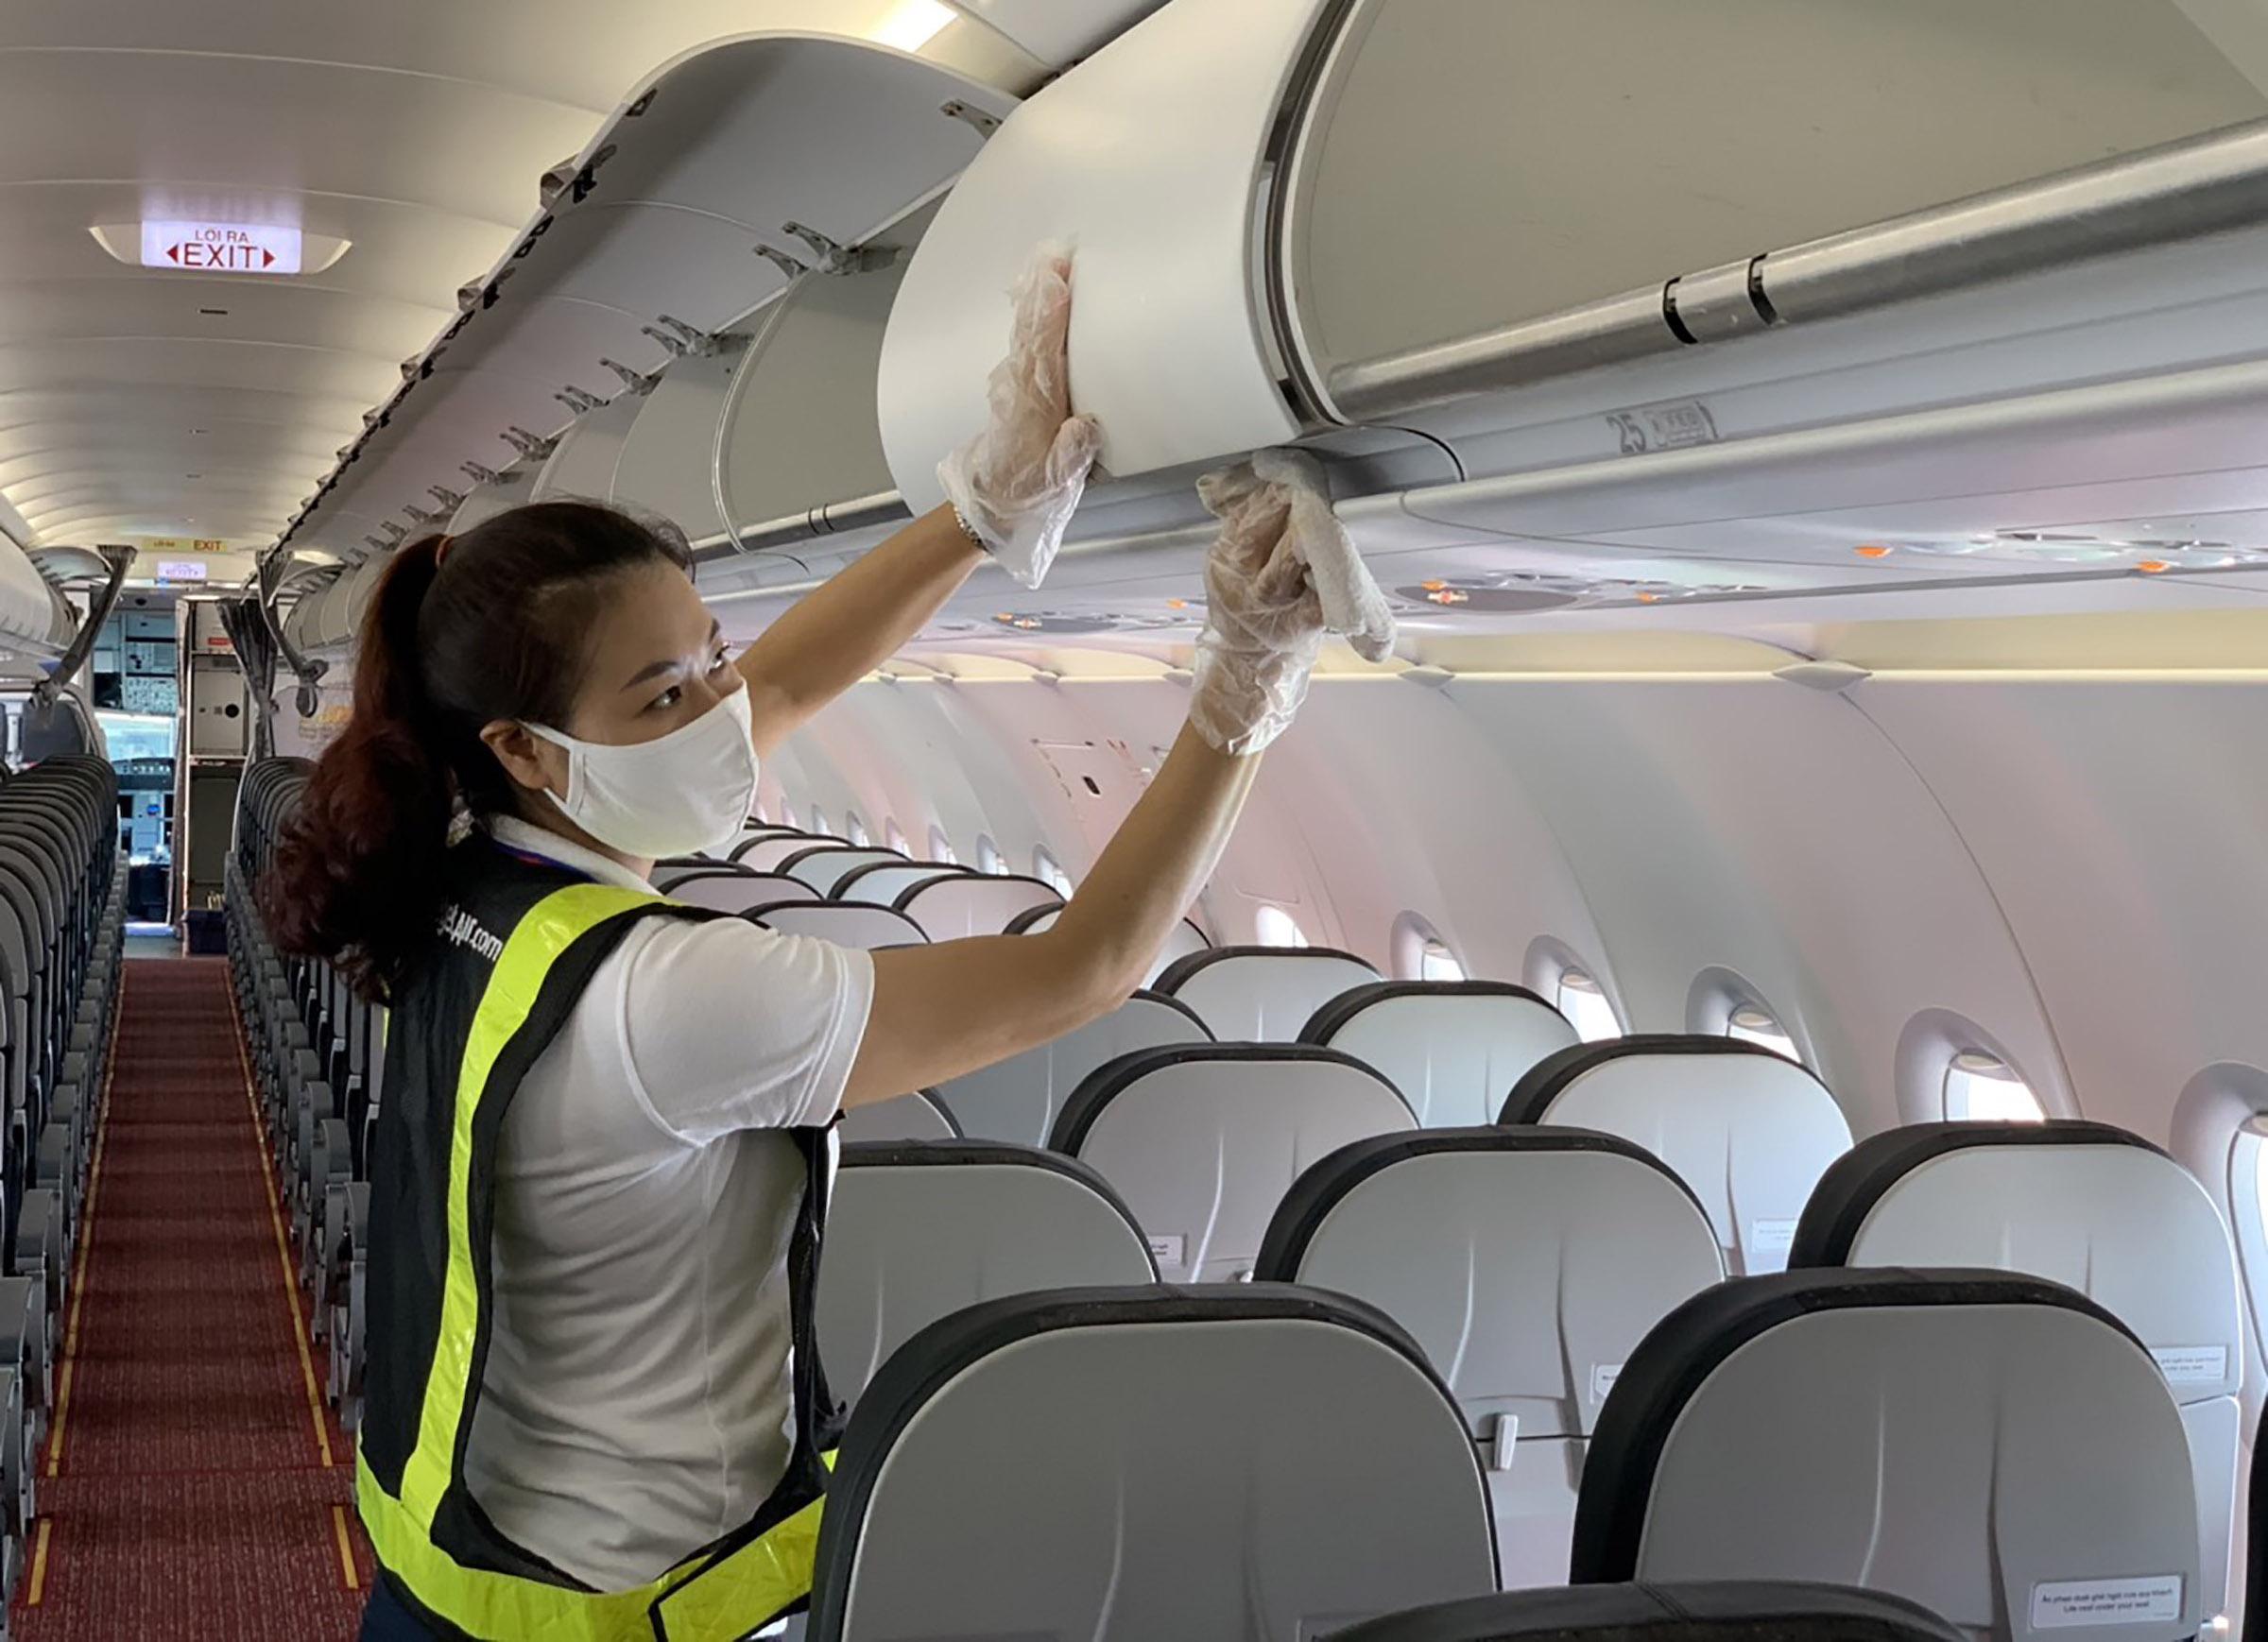 Tàu bay Vietjet thường xuyên được vệ sinh sạch sẽ, đảm bảo phòng dịch, chuẩn bị cho các chuyến bay nội địa bắt đầu từ ngày 10/10. Ảnh: Hữu Tài